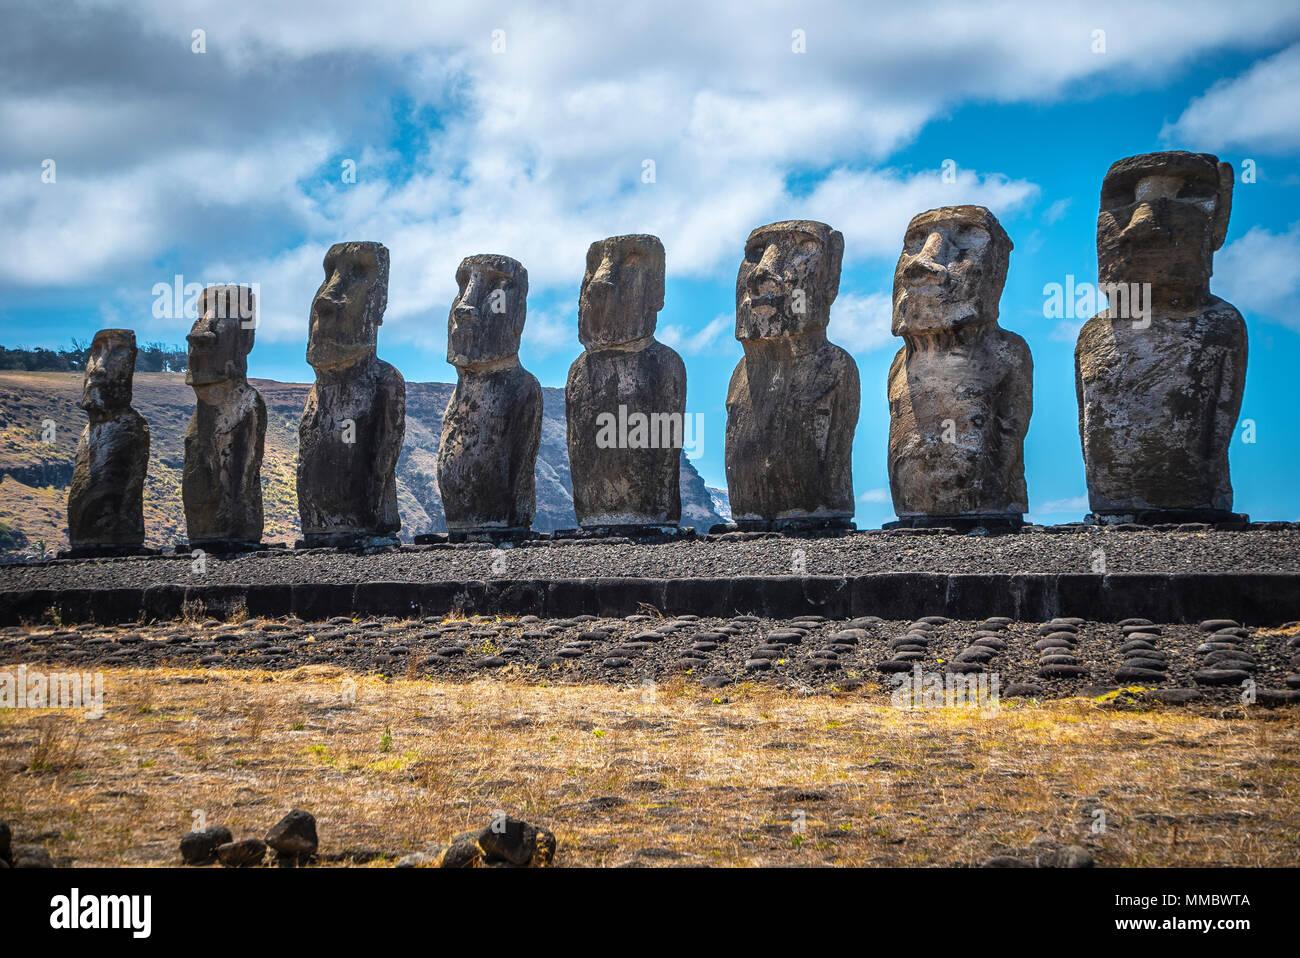 Rapa Nui Moai Statues Easter Island - Stock Image